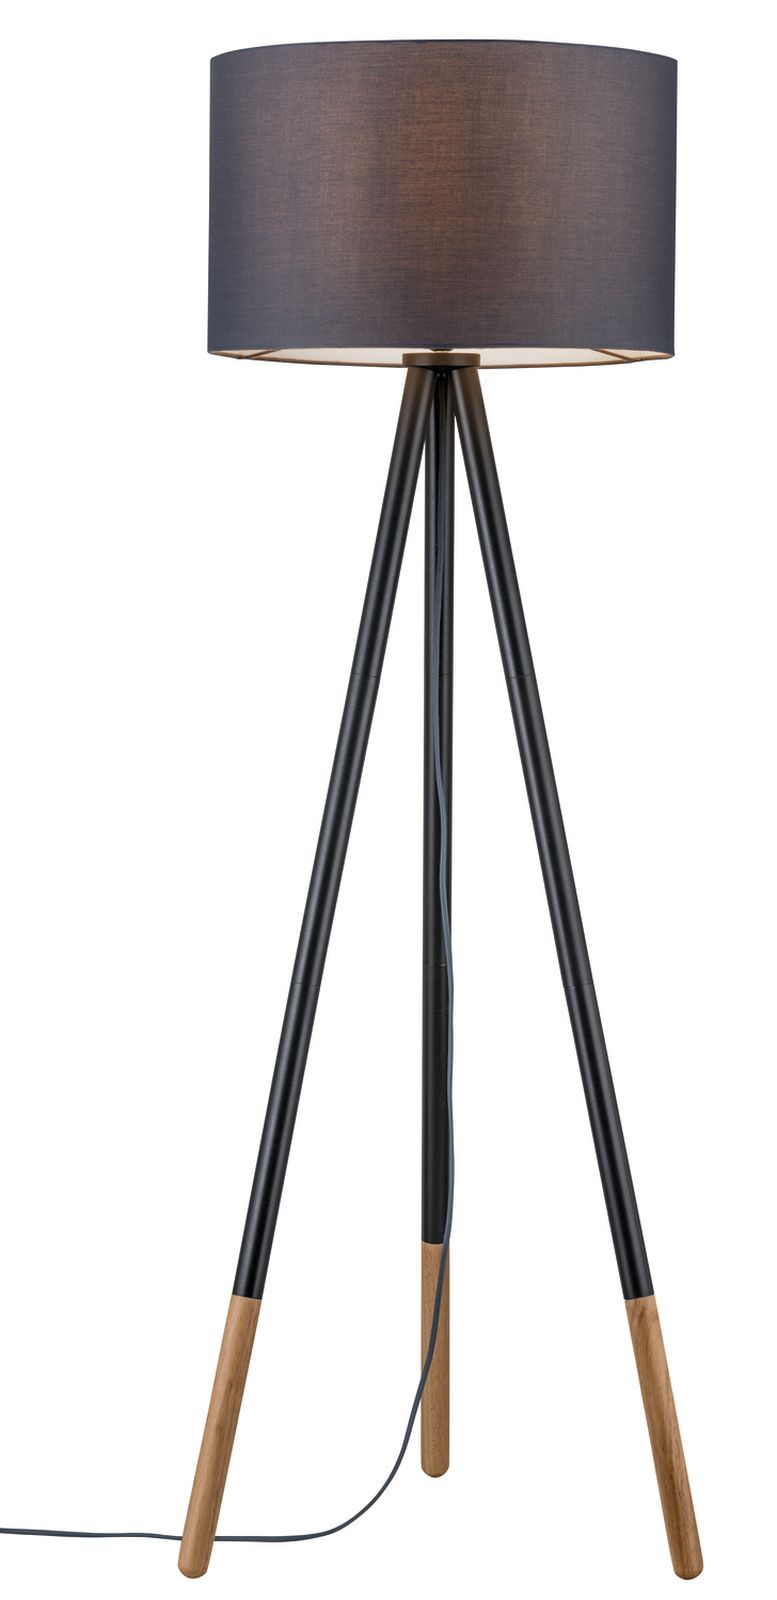 Elegant Stehleuchte Mit Stoffschirm Foto Von Paulmann Neordic Rurik 1-flammig Grau & Holz